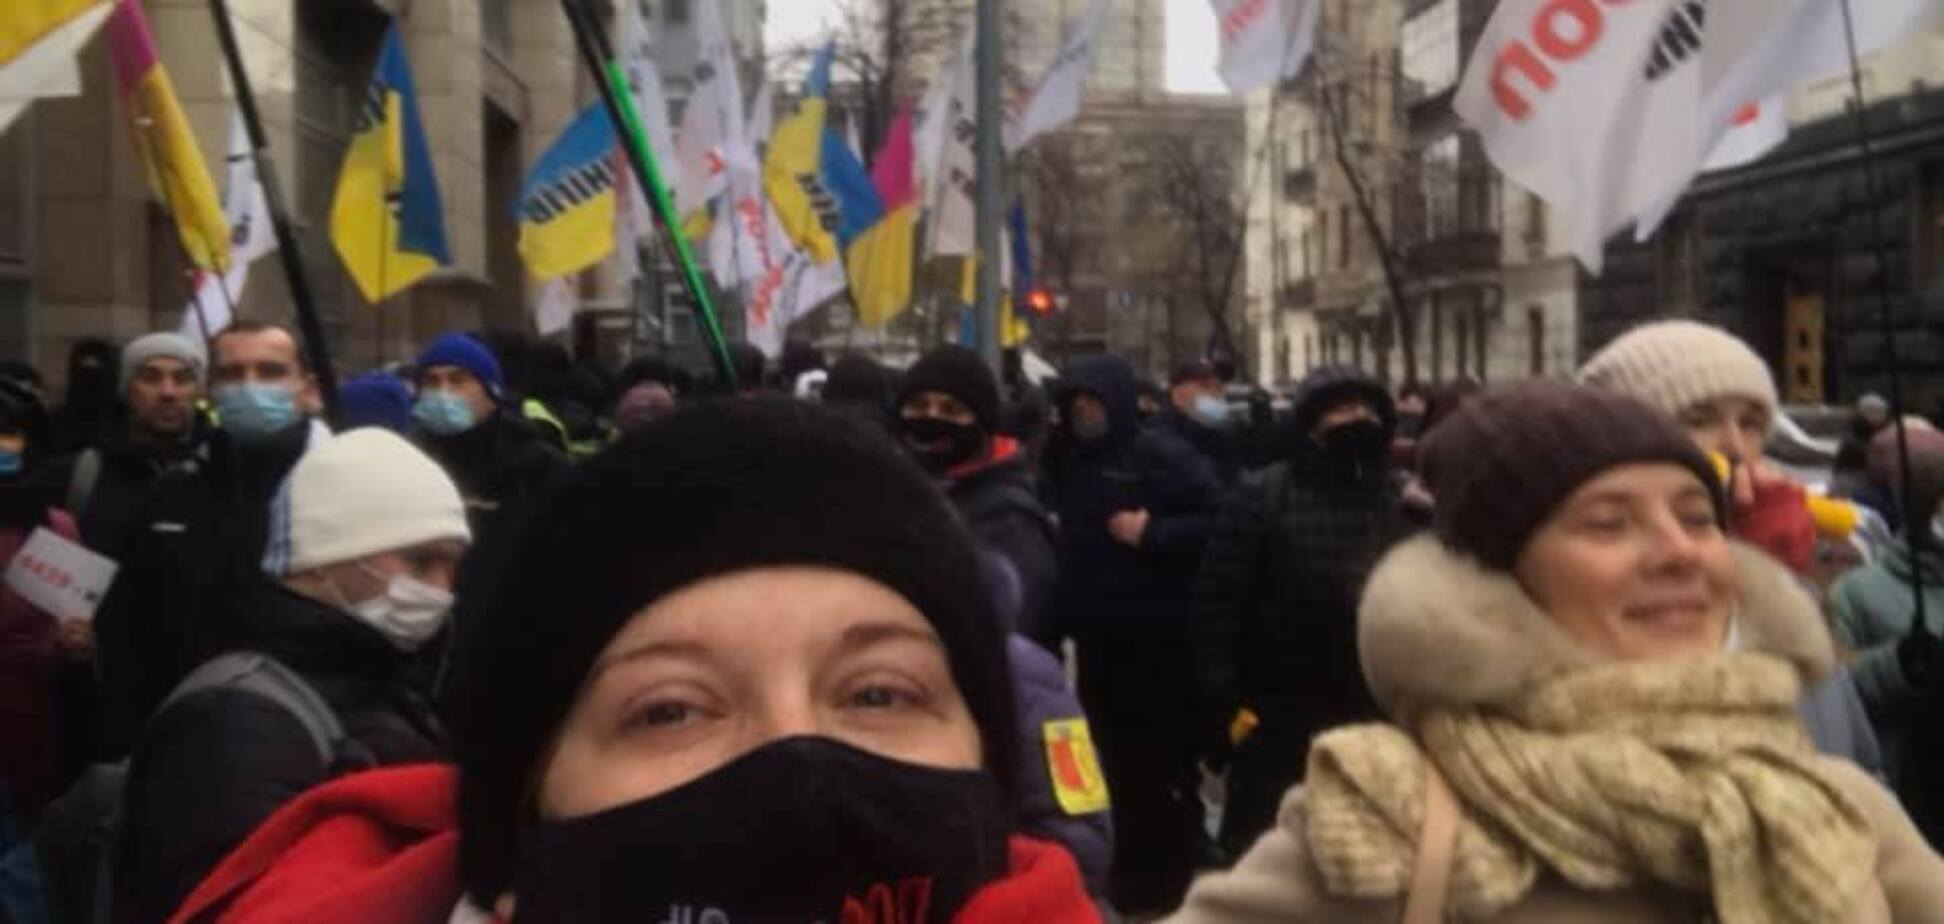 Предприниматели провели под Радой массовый митинг и пригрозили новыми протестами